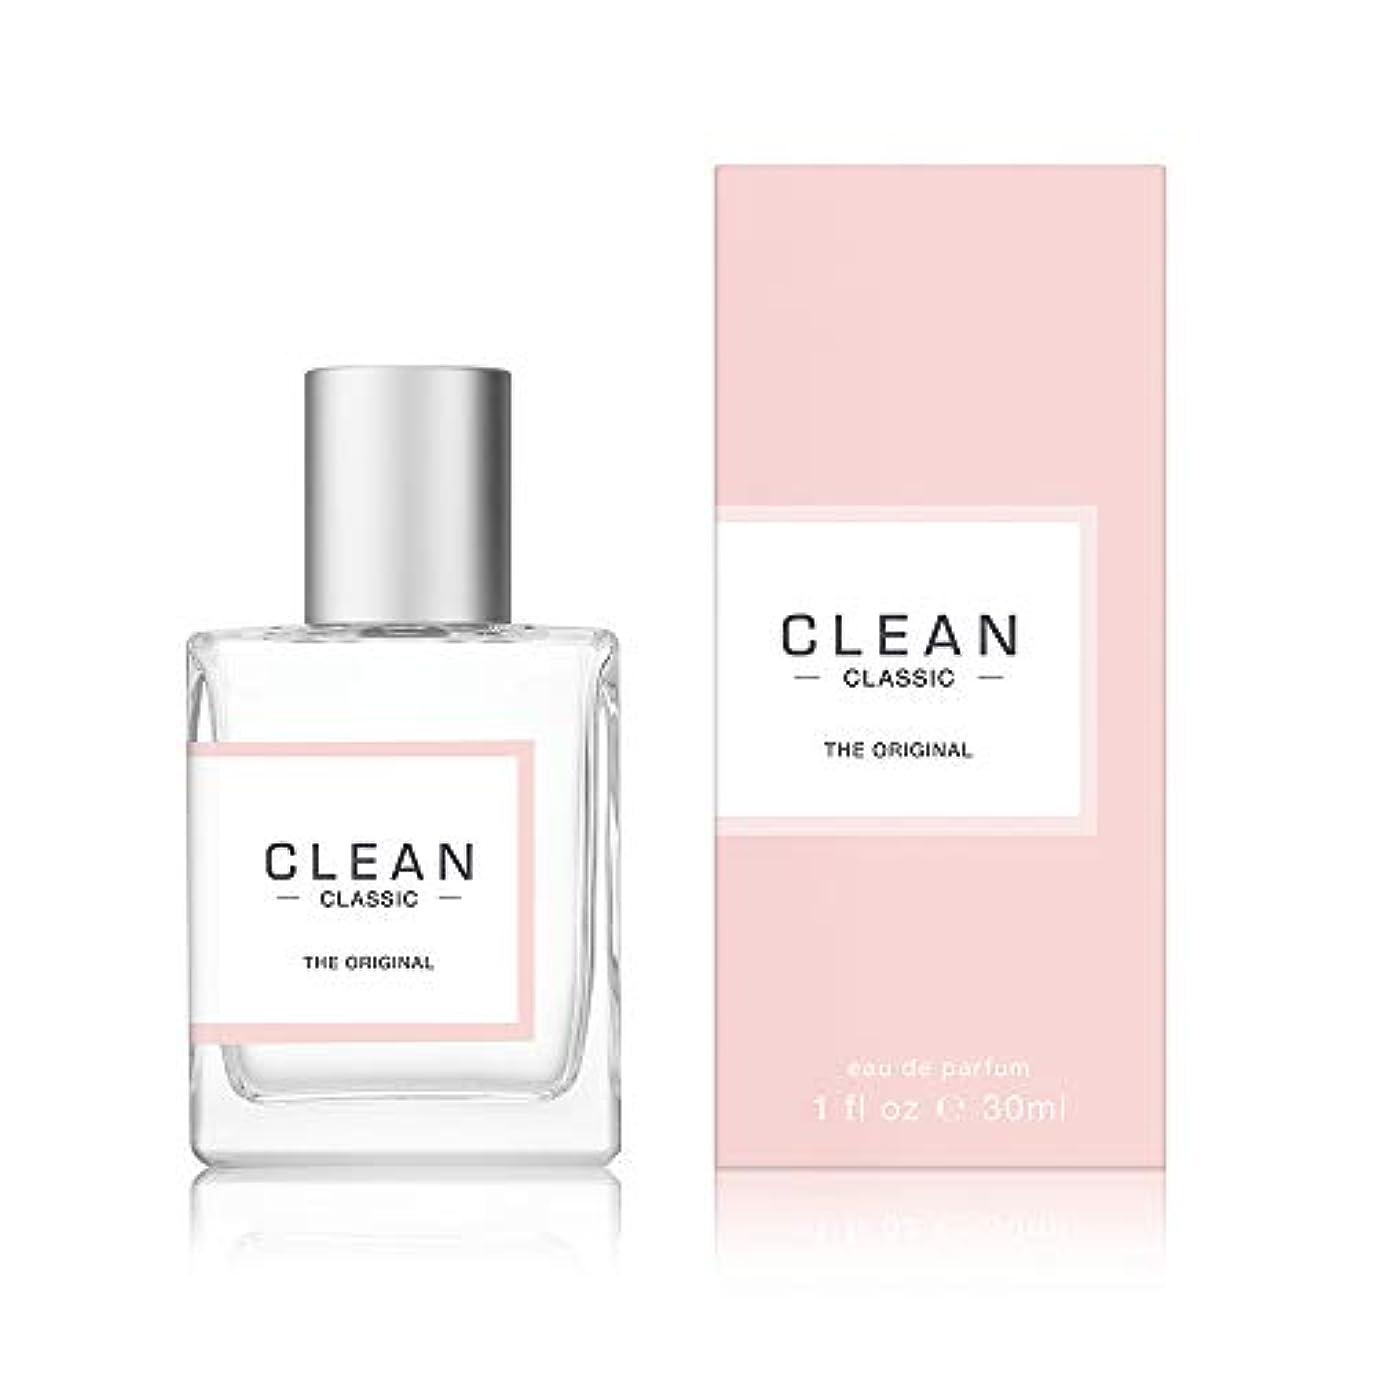 検出れる自己CLEAN(クリーン) クリーン クラシック ウォームコットン オードパルファム 30ml